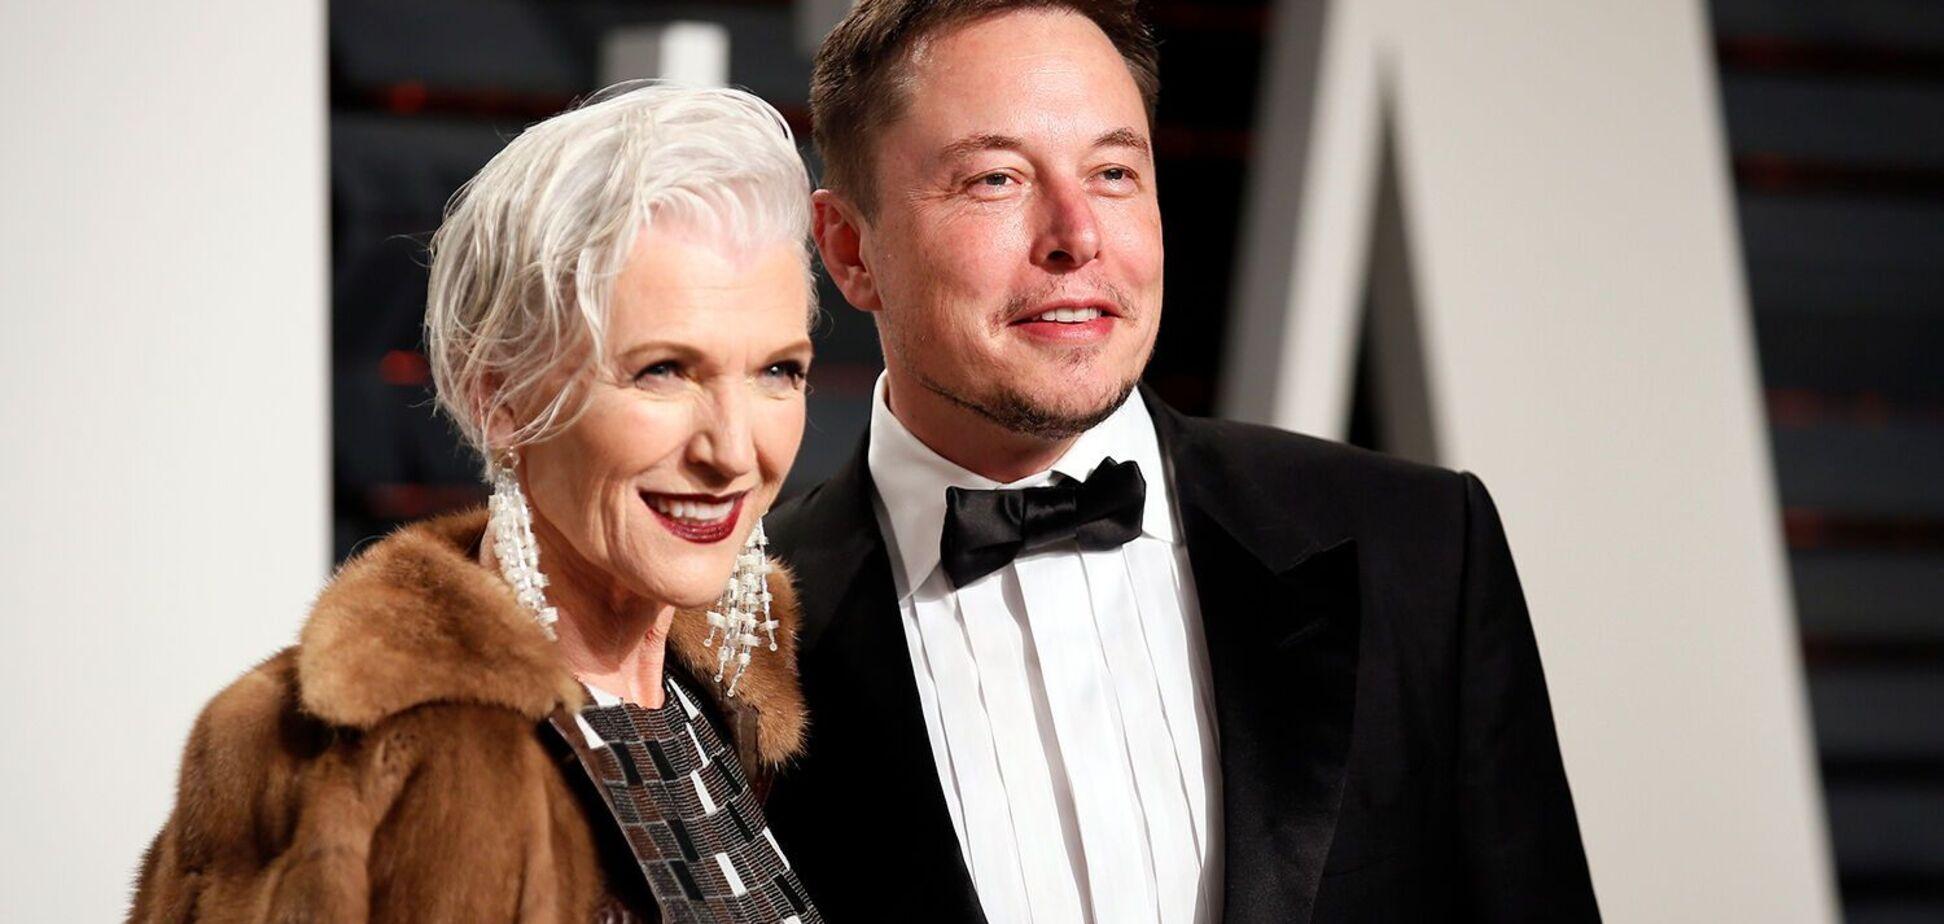 Мей Маск, мати Ілона Маска, поділилася зворушливим фото